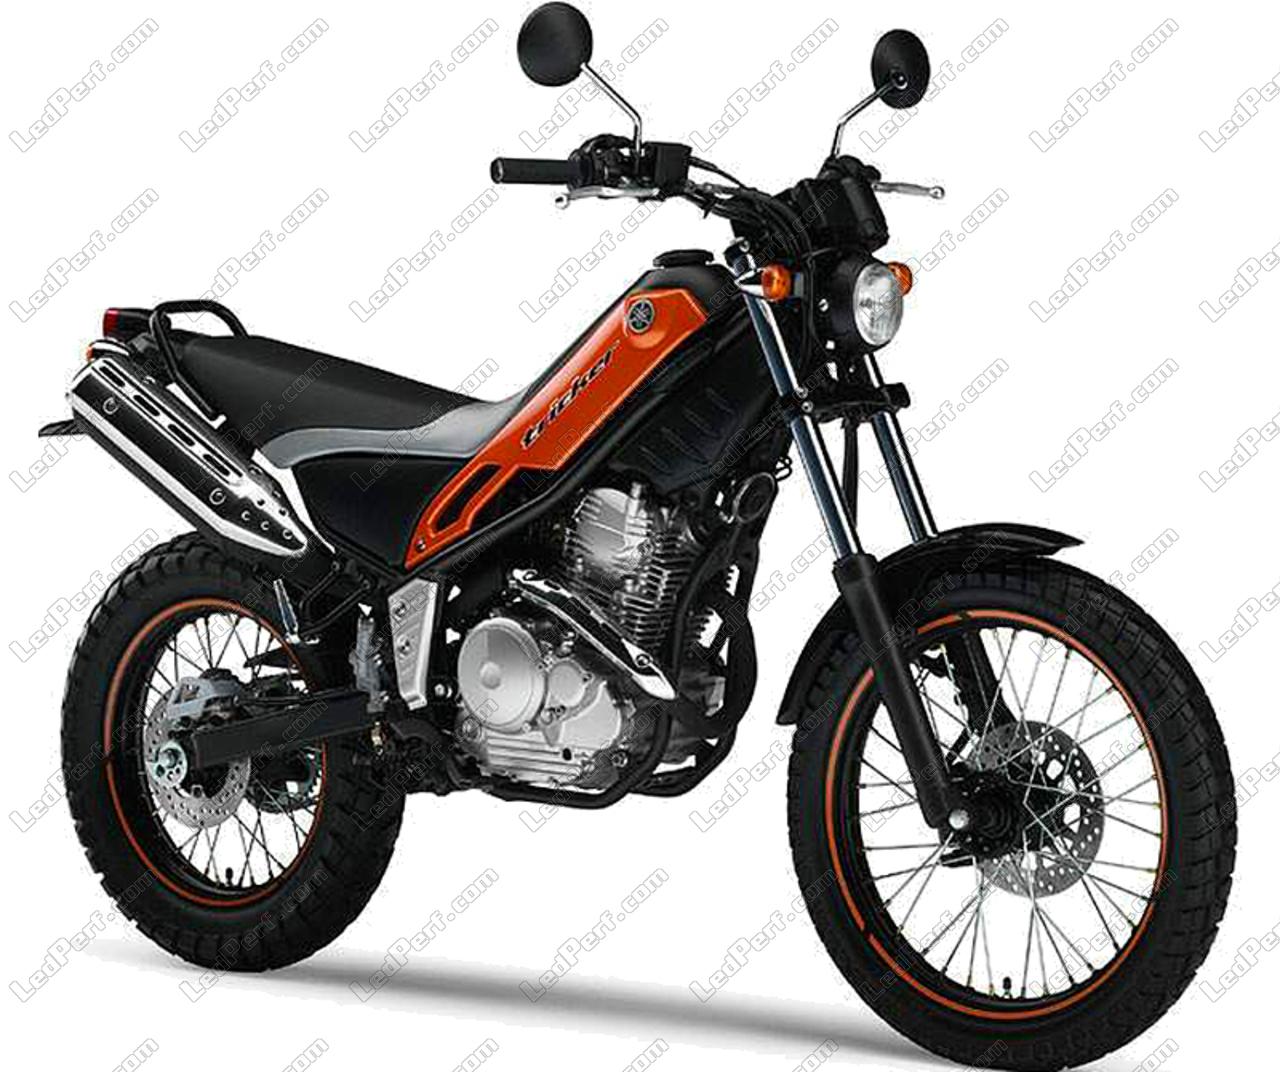 phares additionnels led pour moto yamaha tricker 250. Black Bedroom Furniture Sets. Home Design Ideas